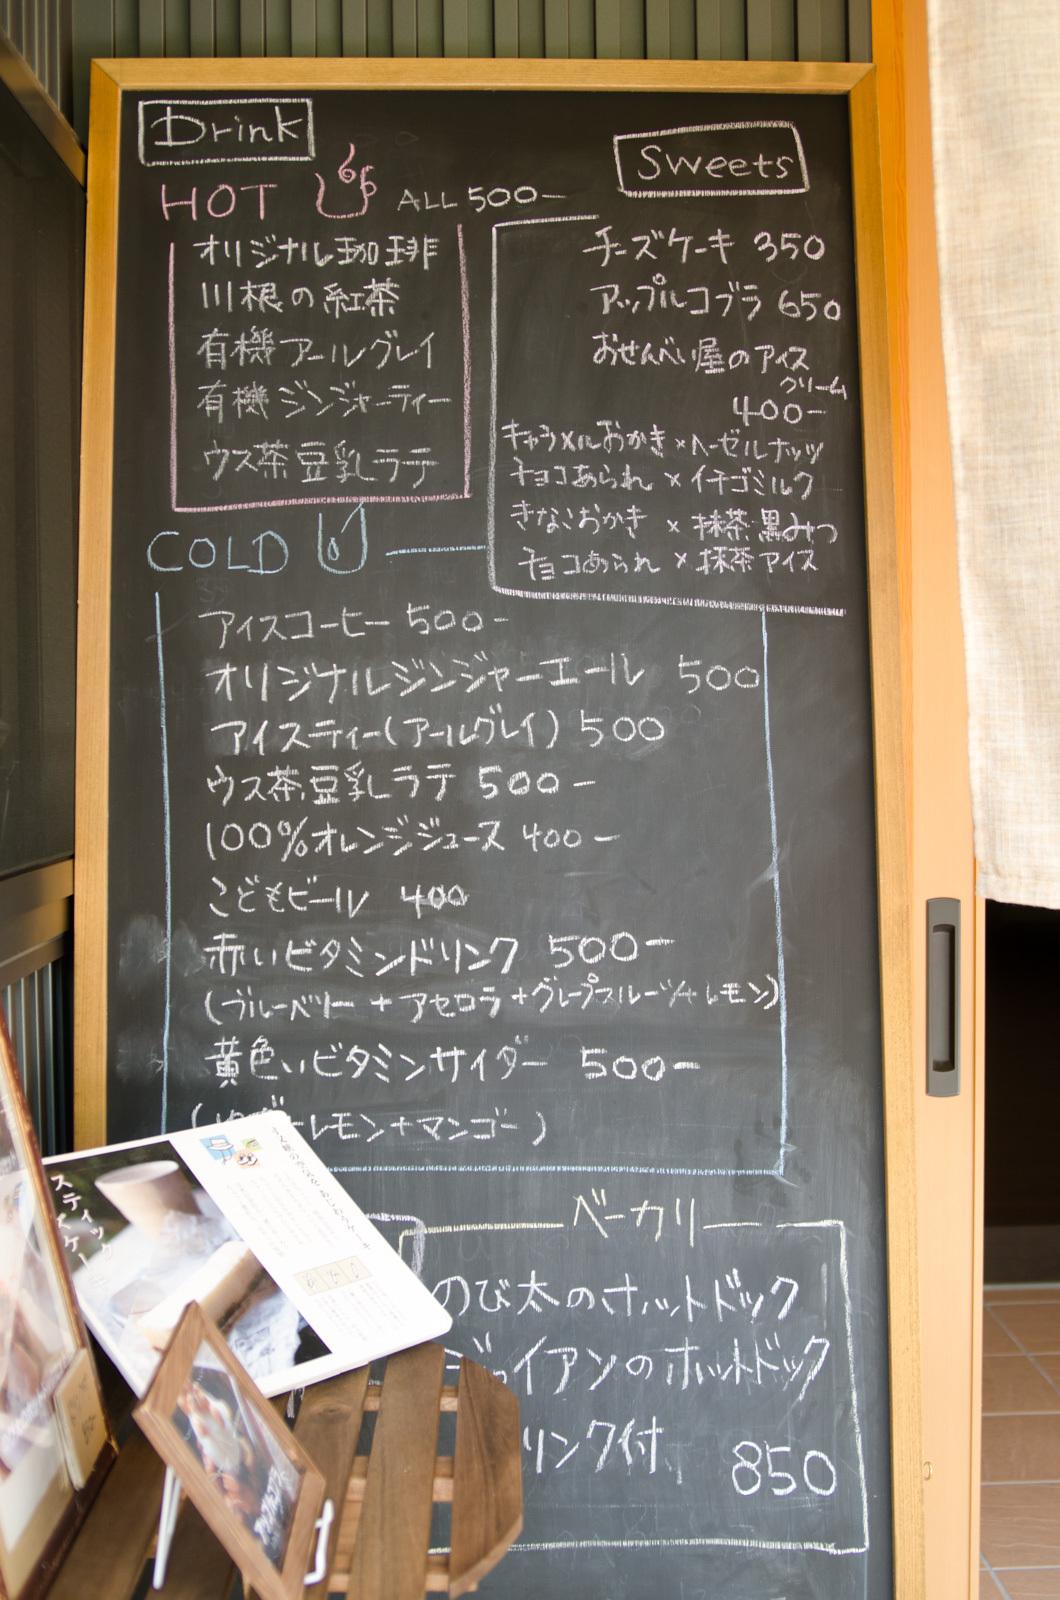 「晴耕雨読ヴィレッジ」足湯カフェのメニューの一部